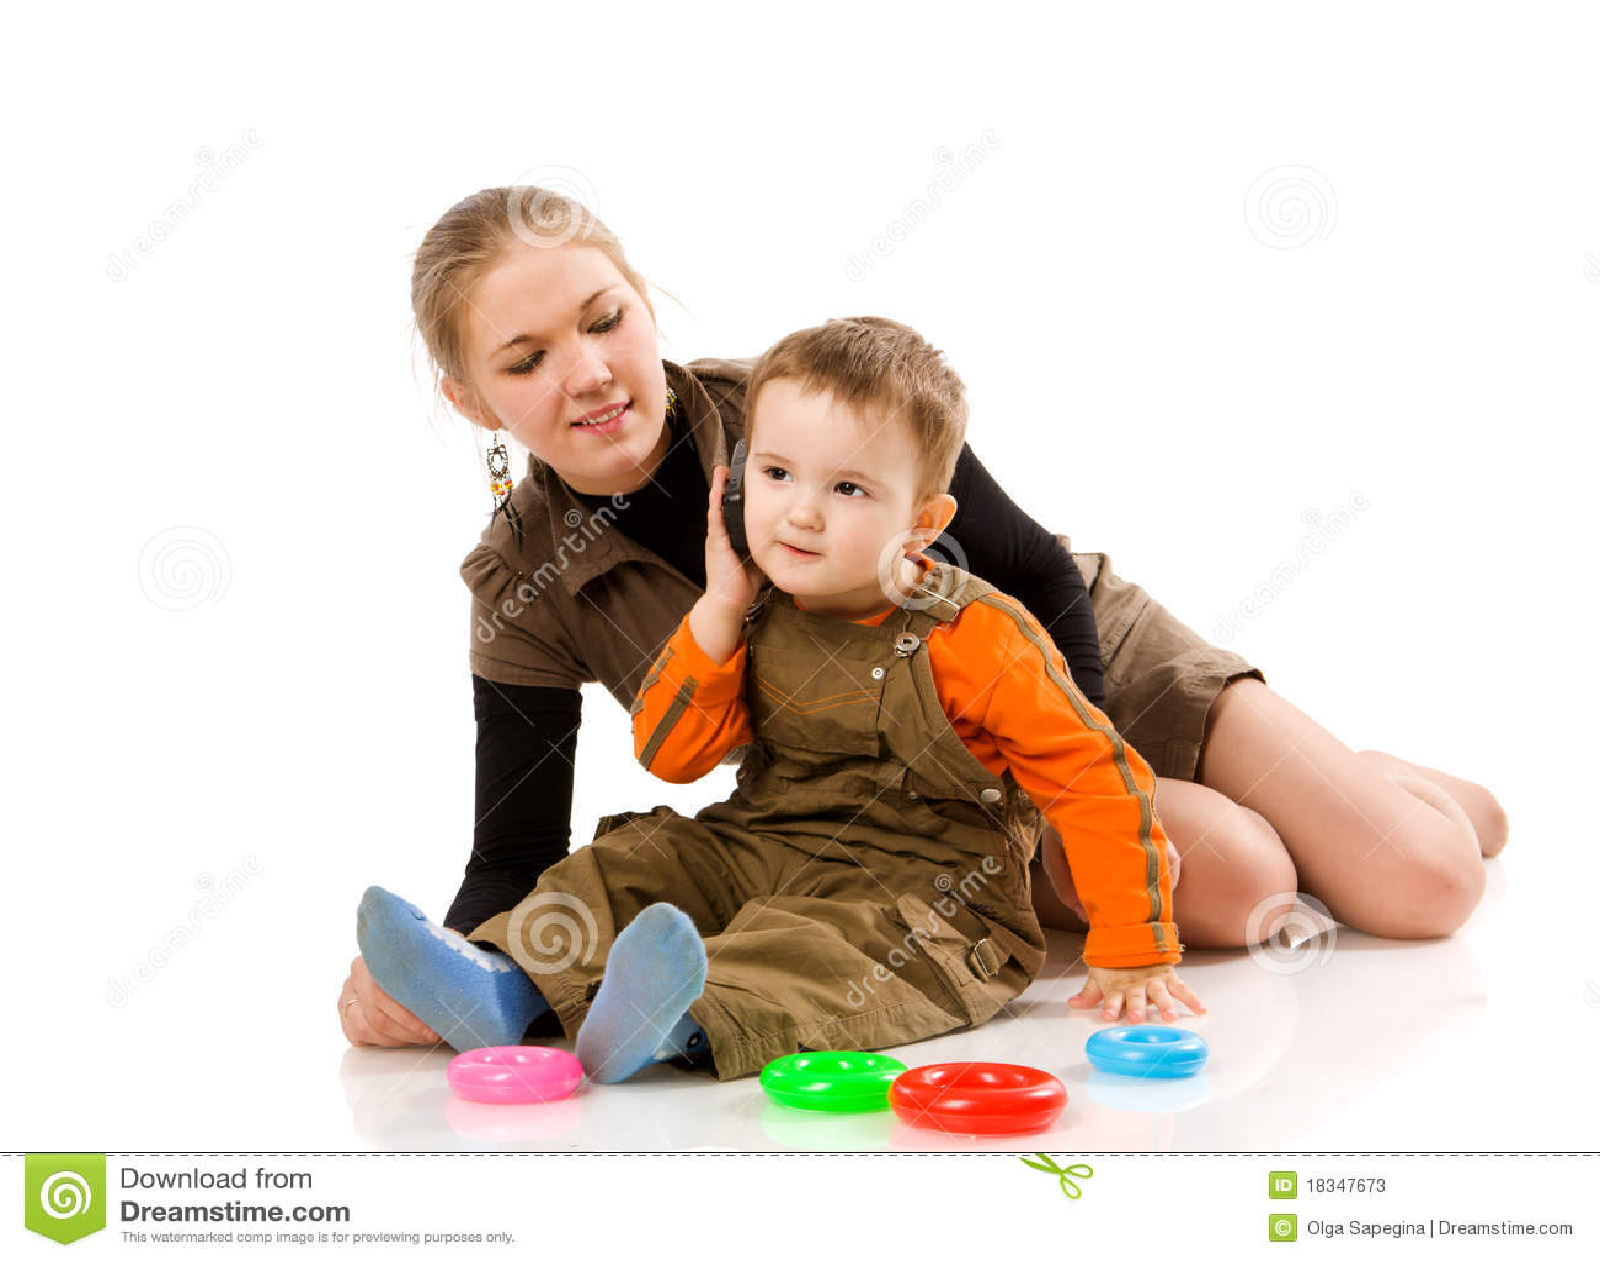 Сын с мамой играют в карты 10 фотография